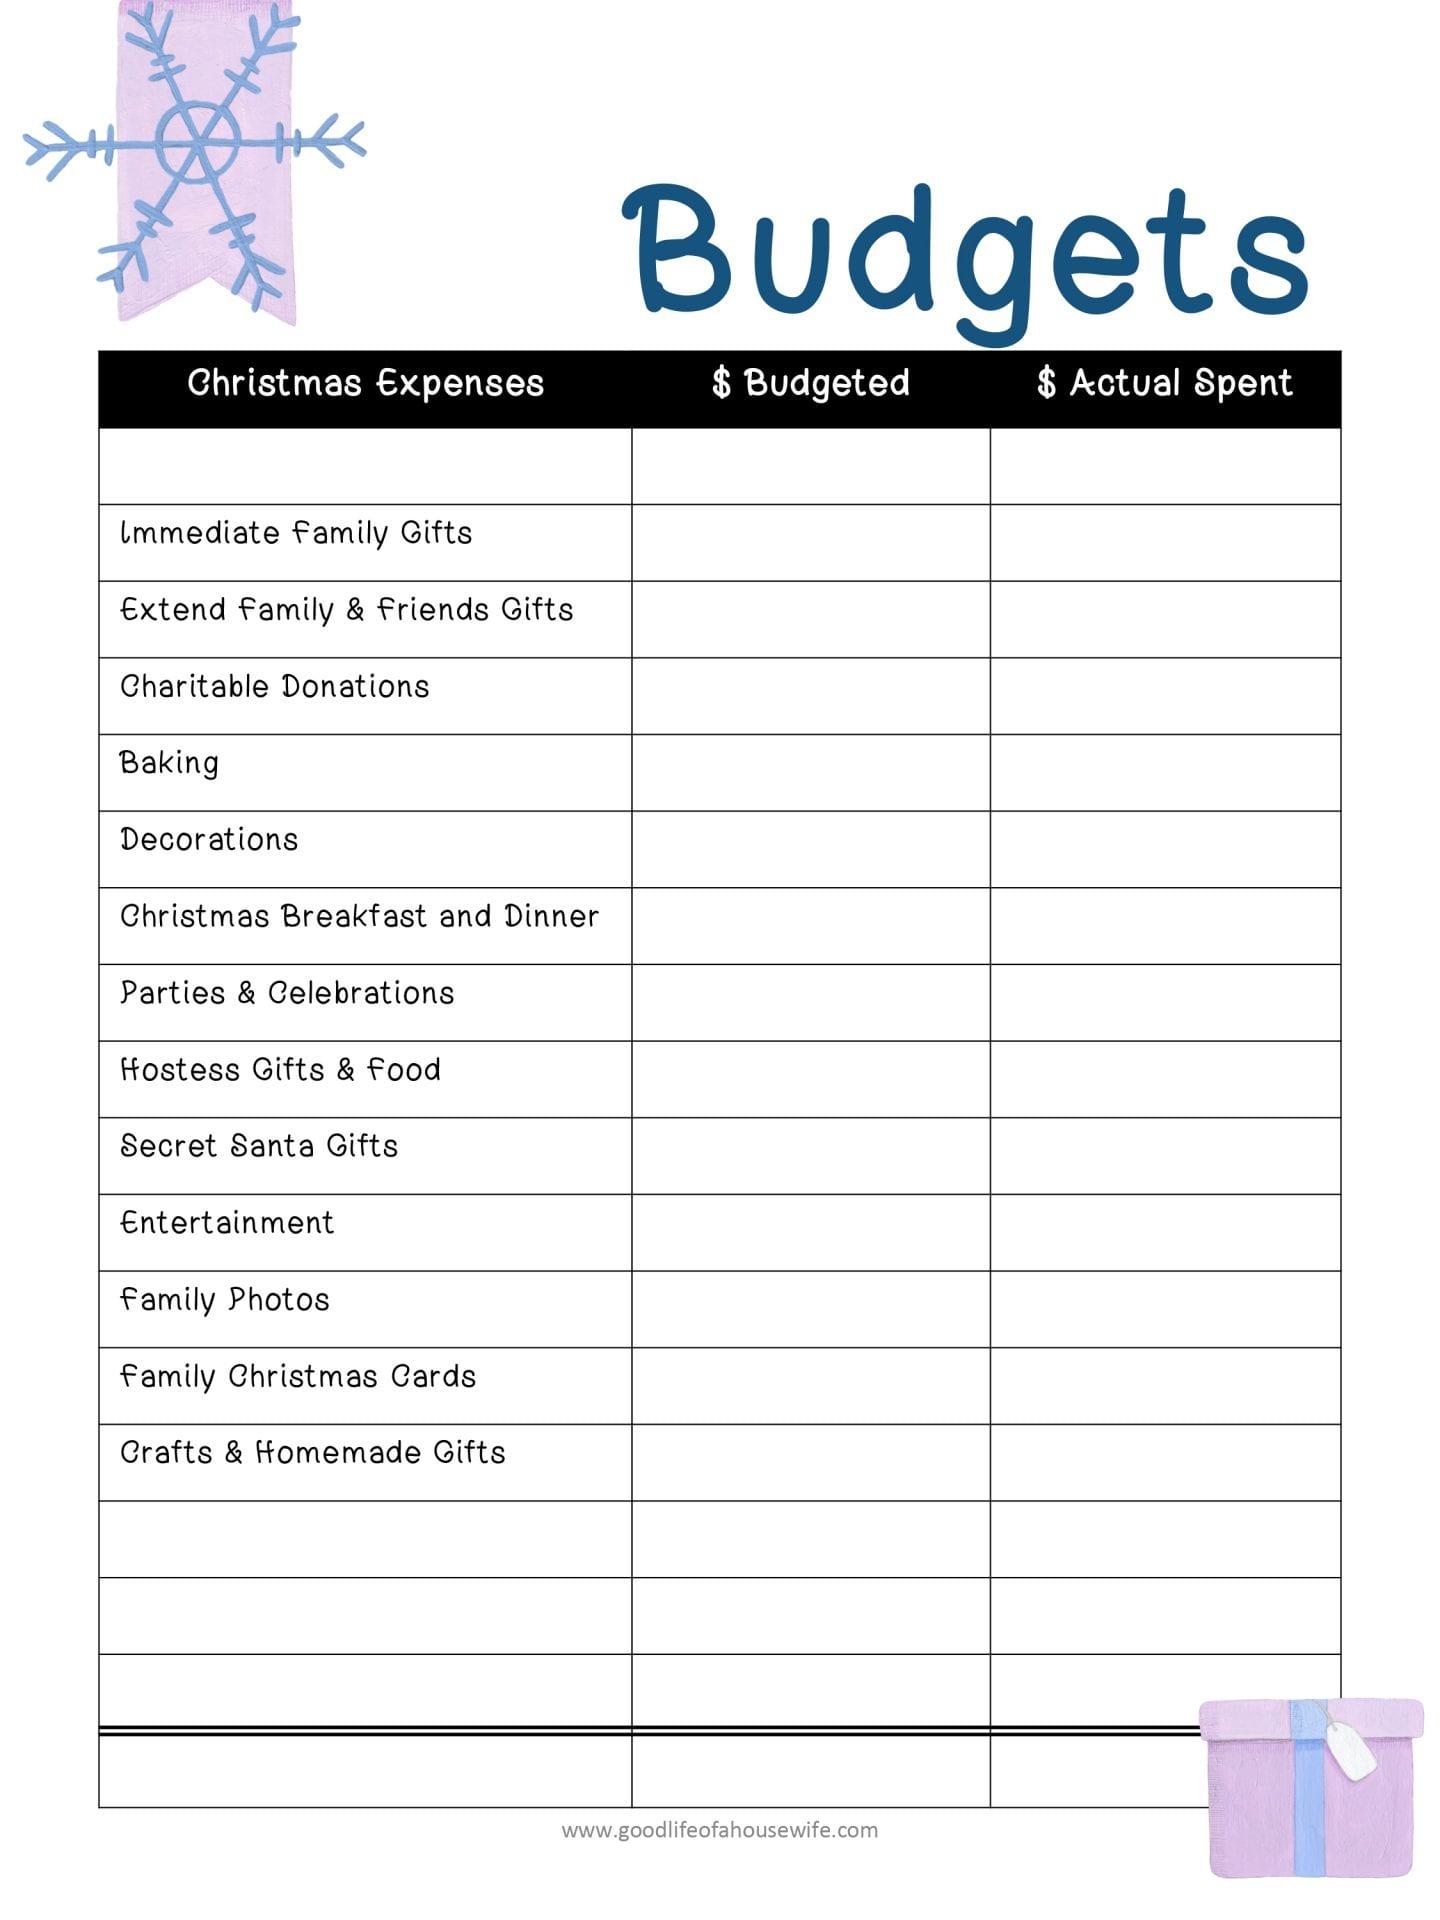 Christmas Printables And Budget Planner – Good Life Of A